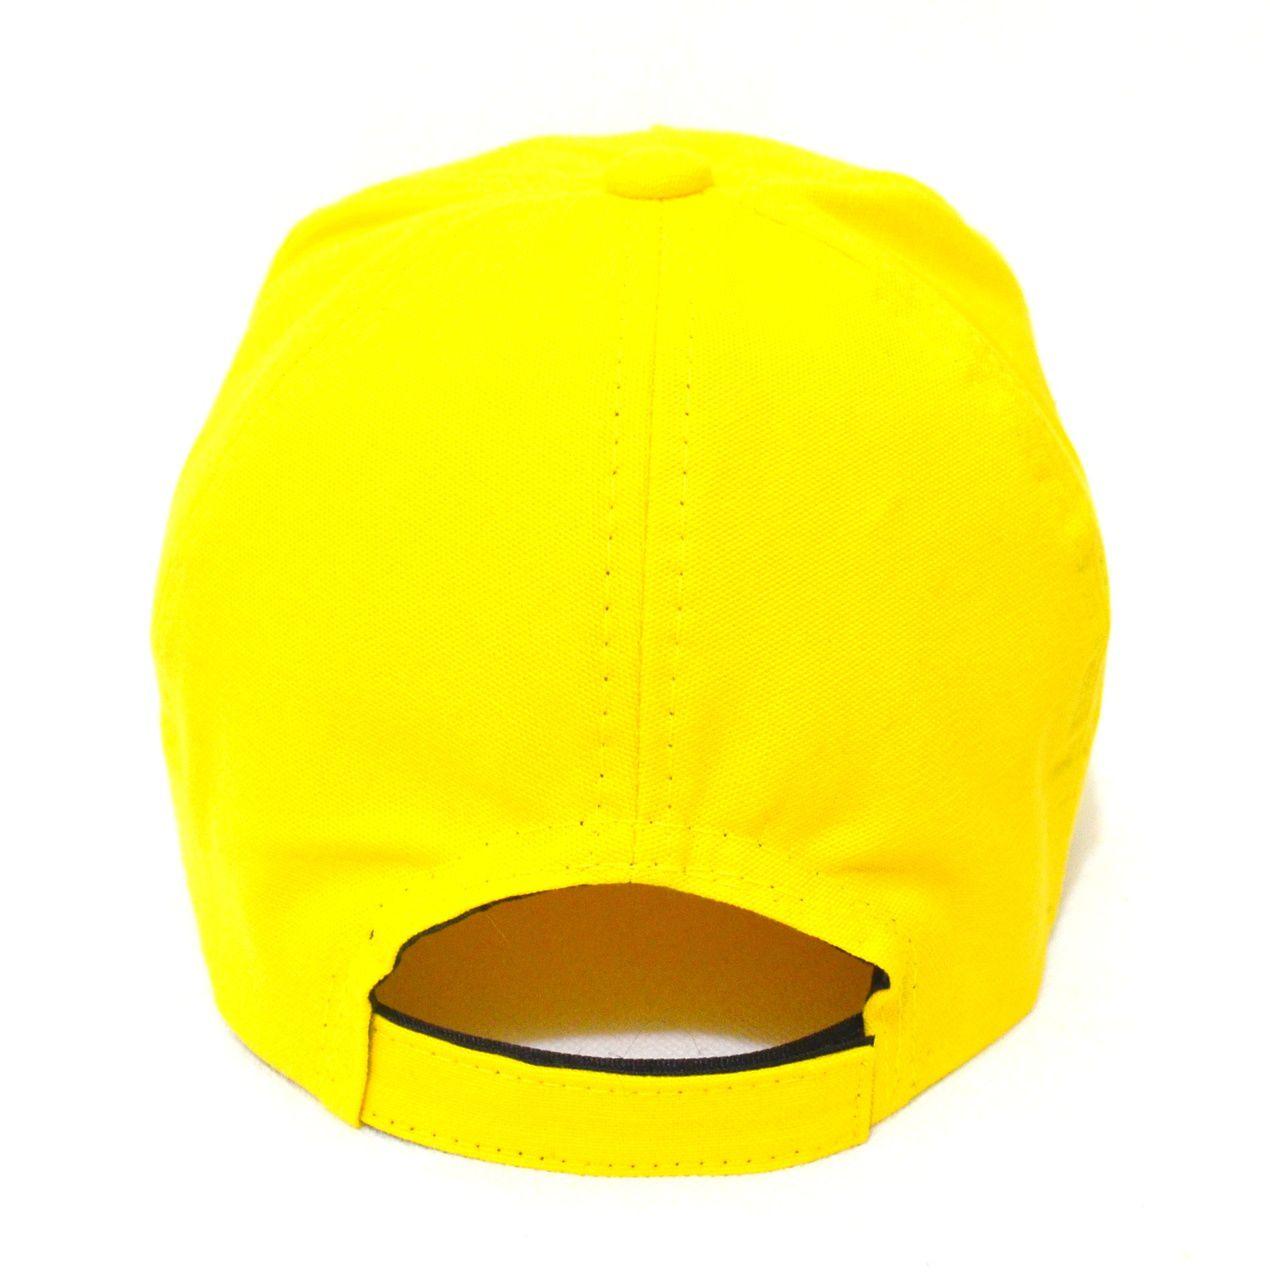 ... Boné Amarelo Liso Sem Estampa Unissex Aba Curva - Super Leve e com  Ajuste de Tamanho ... bfa5a549787